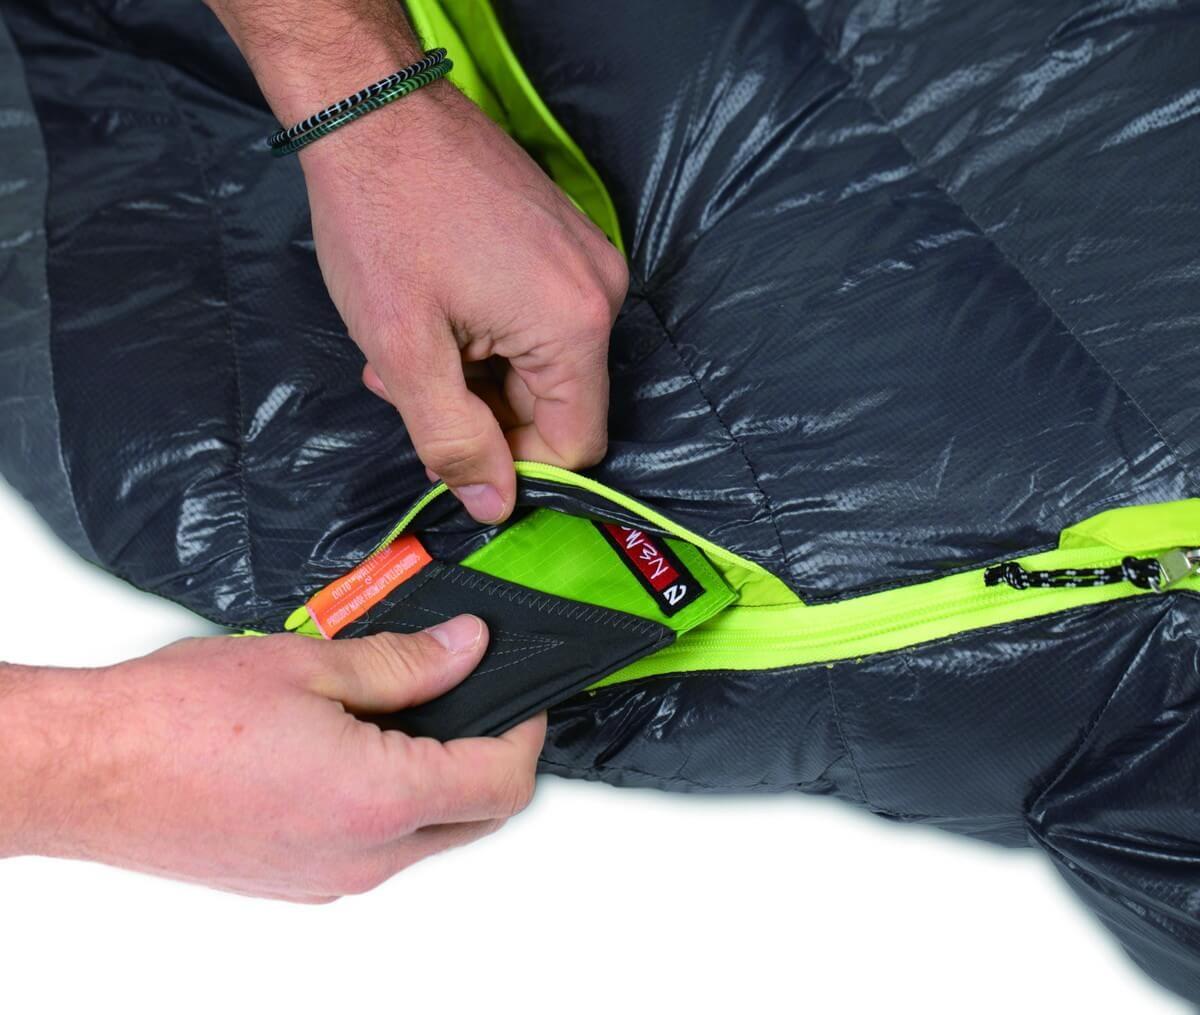 小物を収納するファスナー付きポケット